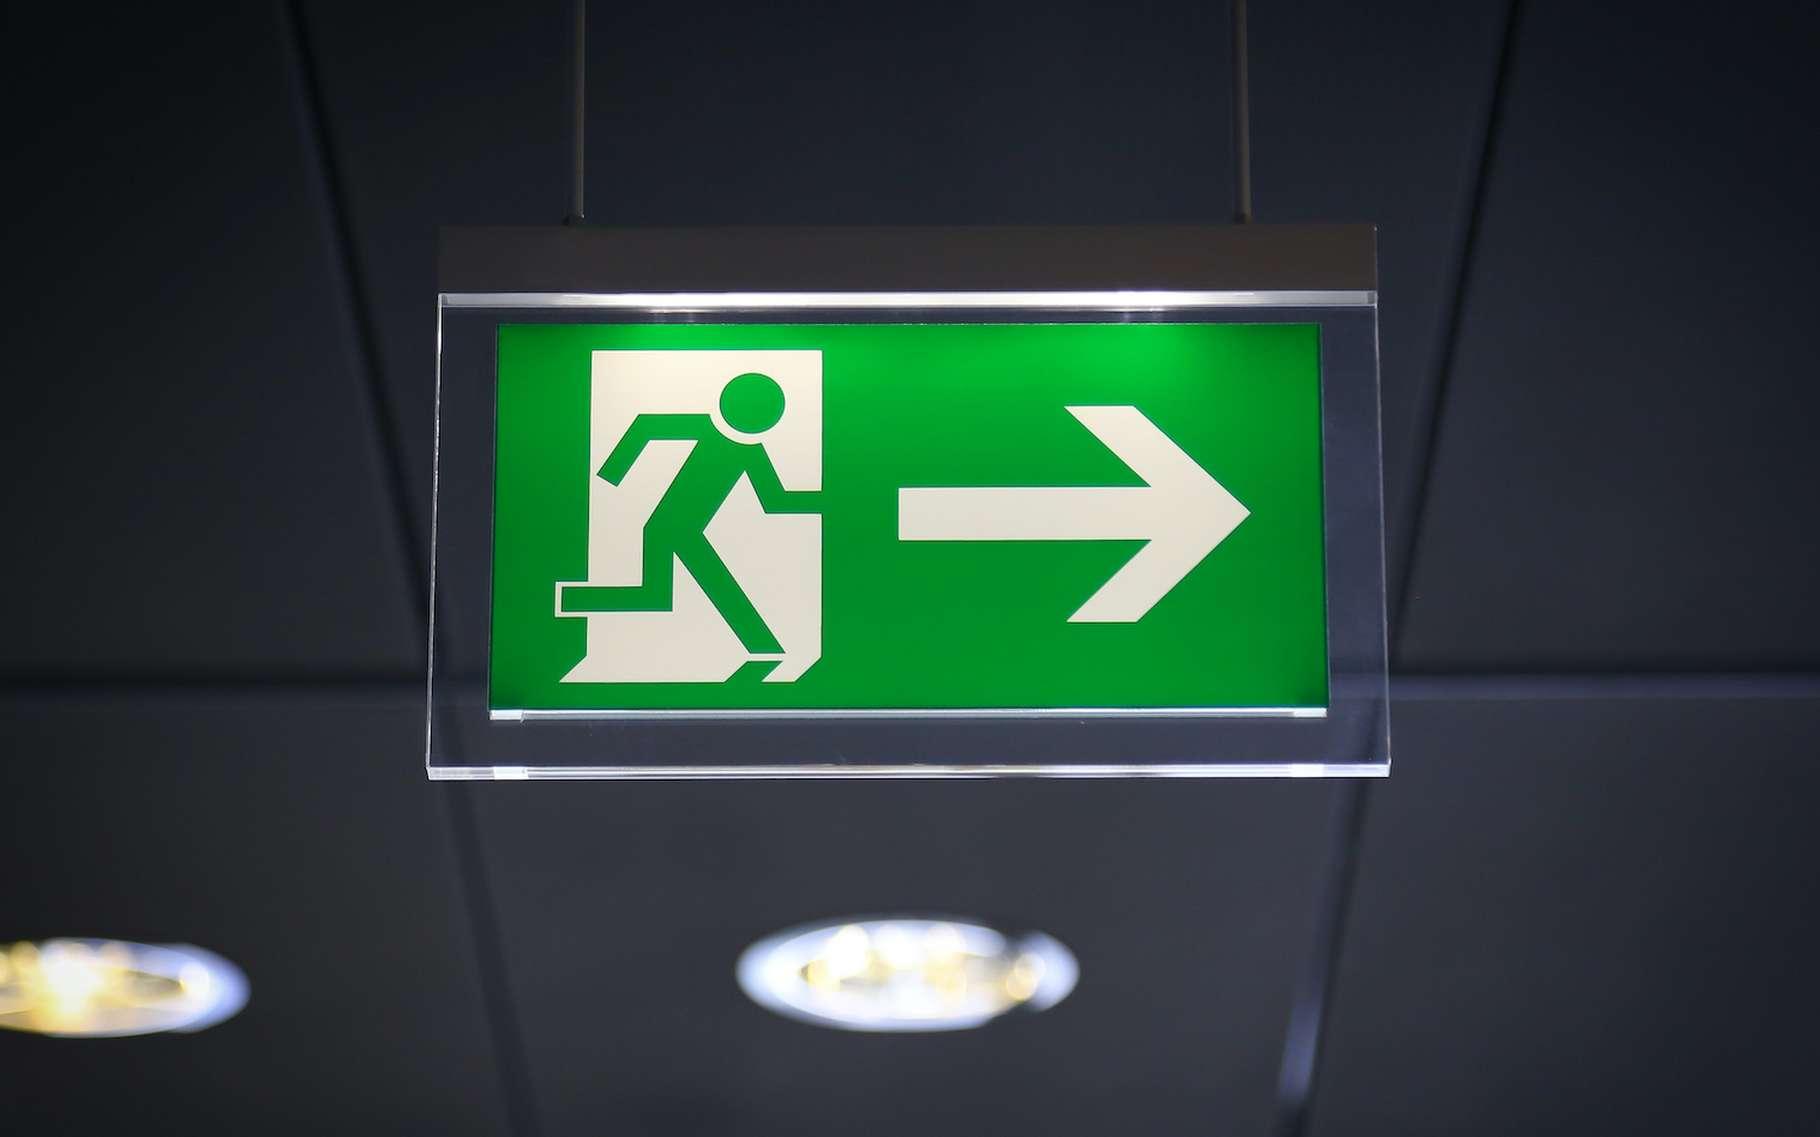 Les luminaires employés pour les éclairages de secours doivent présenter un indice IK supérieur ou égal à 03. © Marco Scisetti, Adobe Stock